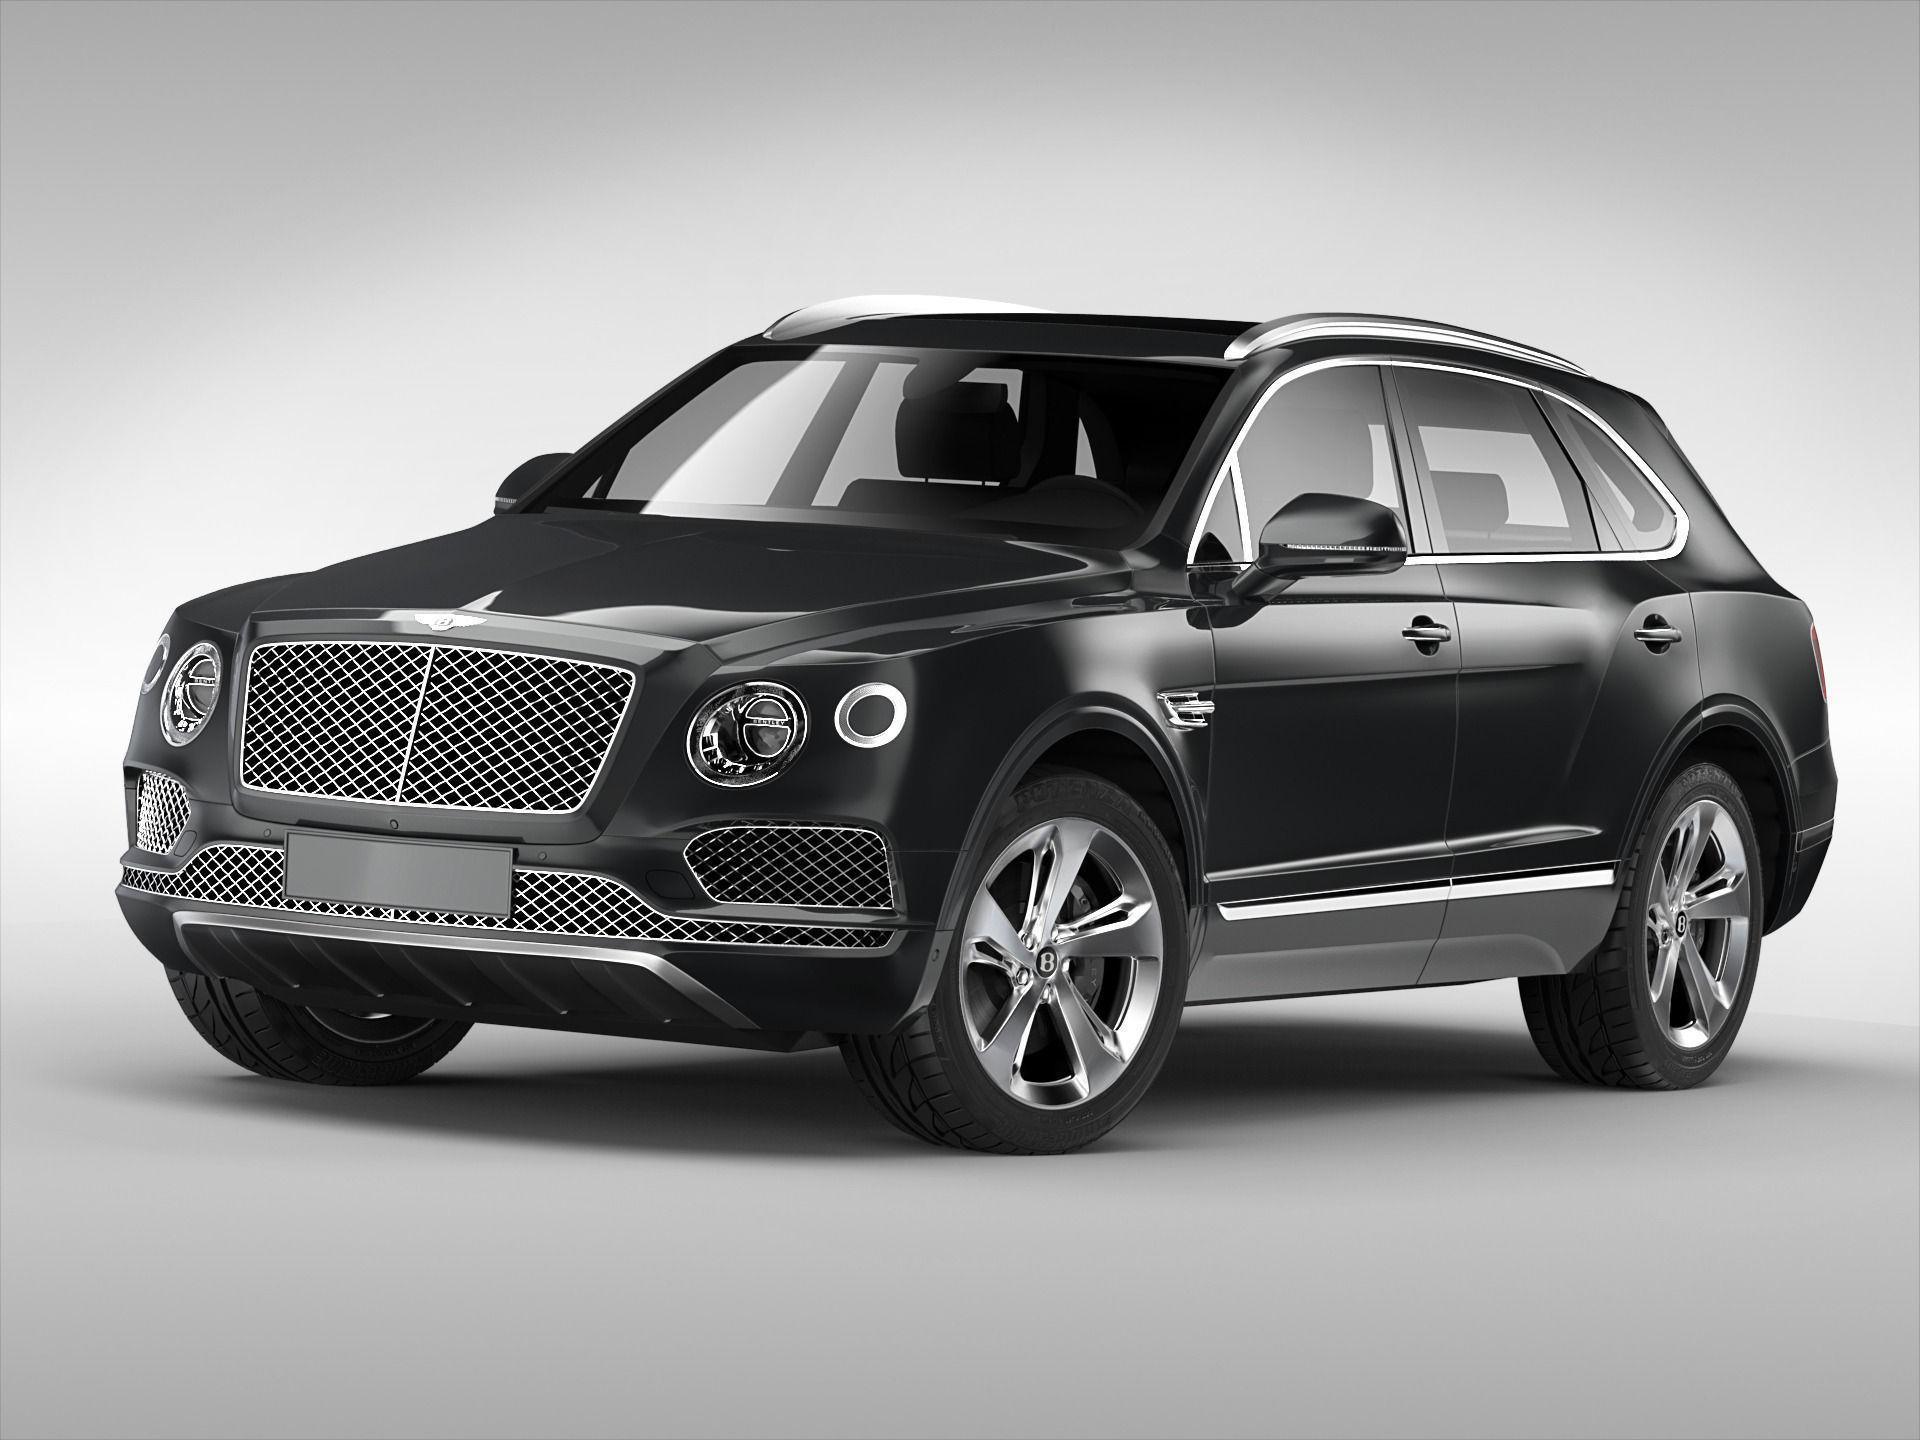 Bentley Bentayga 2017 Model